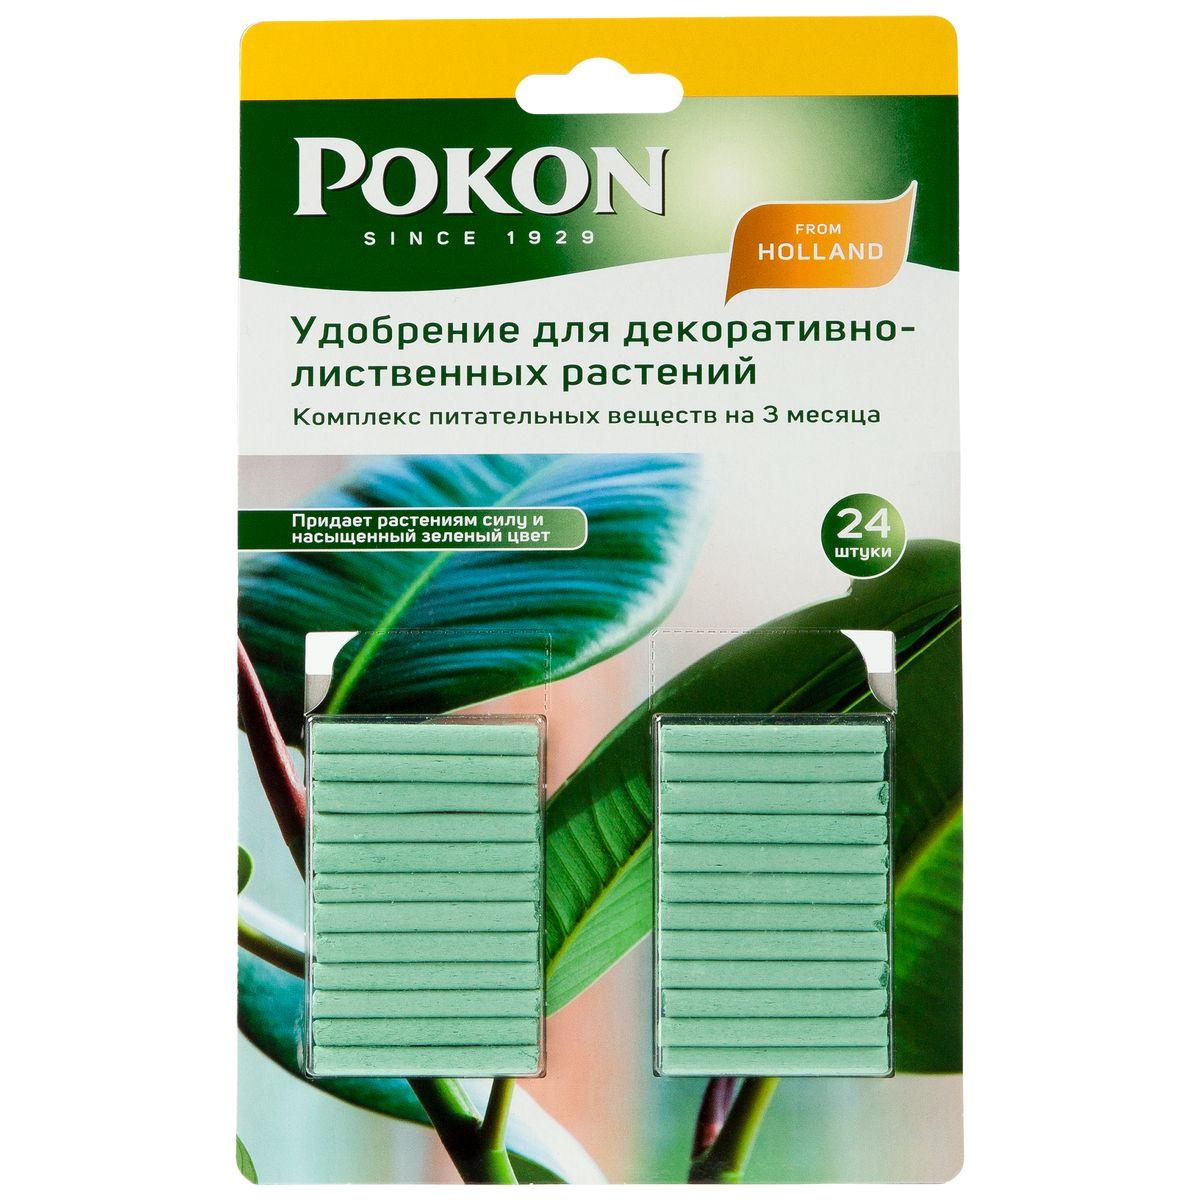 Удобрение Pokon, в палочках, для декоративно-лиственных растений, 24 шт8711969016019Удобрение Pokon для декоративно-лиственных растений выполнено в видепалочек.Удобрение в палочках Pokon содержит тщательно подобранные питательные вещества, сбалансированные для подкормки всех видов декоративно-лиственных и пальмовых растений. Эта высококачественная смесь исключает риск корневых ожогов.Инструкция по применению:- Измерьте диаметр горшка с растением и определите нужное количество палочек по прилагаемой таблице.- Полностью воткните палочки в грунт, равномерно распределив их вокруг растения.- Полейте грунт, и удобрение немедленно начнет действовать.- Добавляйте новые палочки каждые три месяца.Состав:12% - общее содержание азота (N);2% - мочевинный азот;10% - аммонийный азот;6% - безводная фосфорная кислота (P2O5), растворимая в нейтральном цитрате аммония и воде;8% - водорастворимый оксид калия (K2O).В комплекте 24 палочки.Товар сертифицирован.